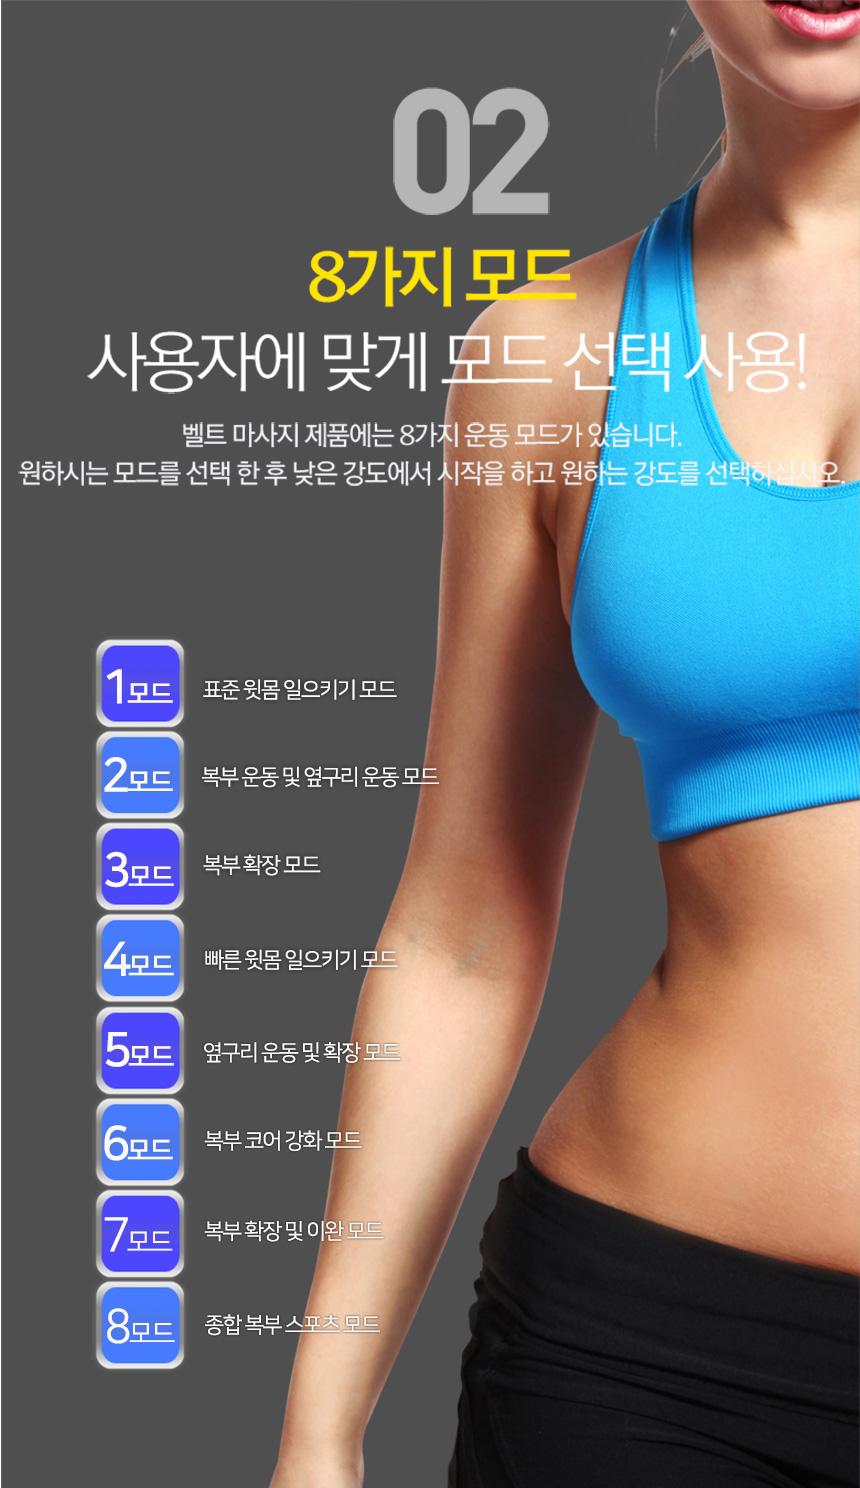 팡가오 EMS 다이어트 저주파 복근운동기구 PG-2012E - 팡가오, 59,000원, 안마/교정, 부위안마기